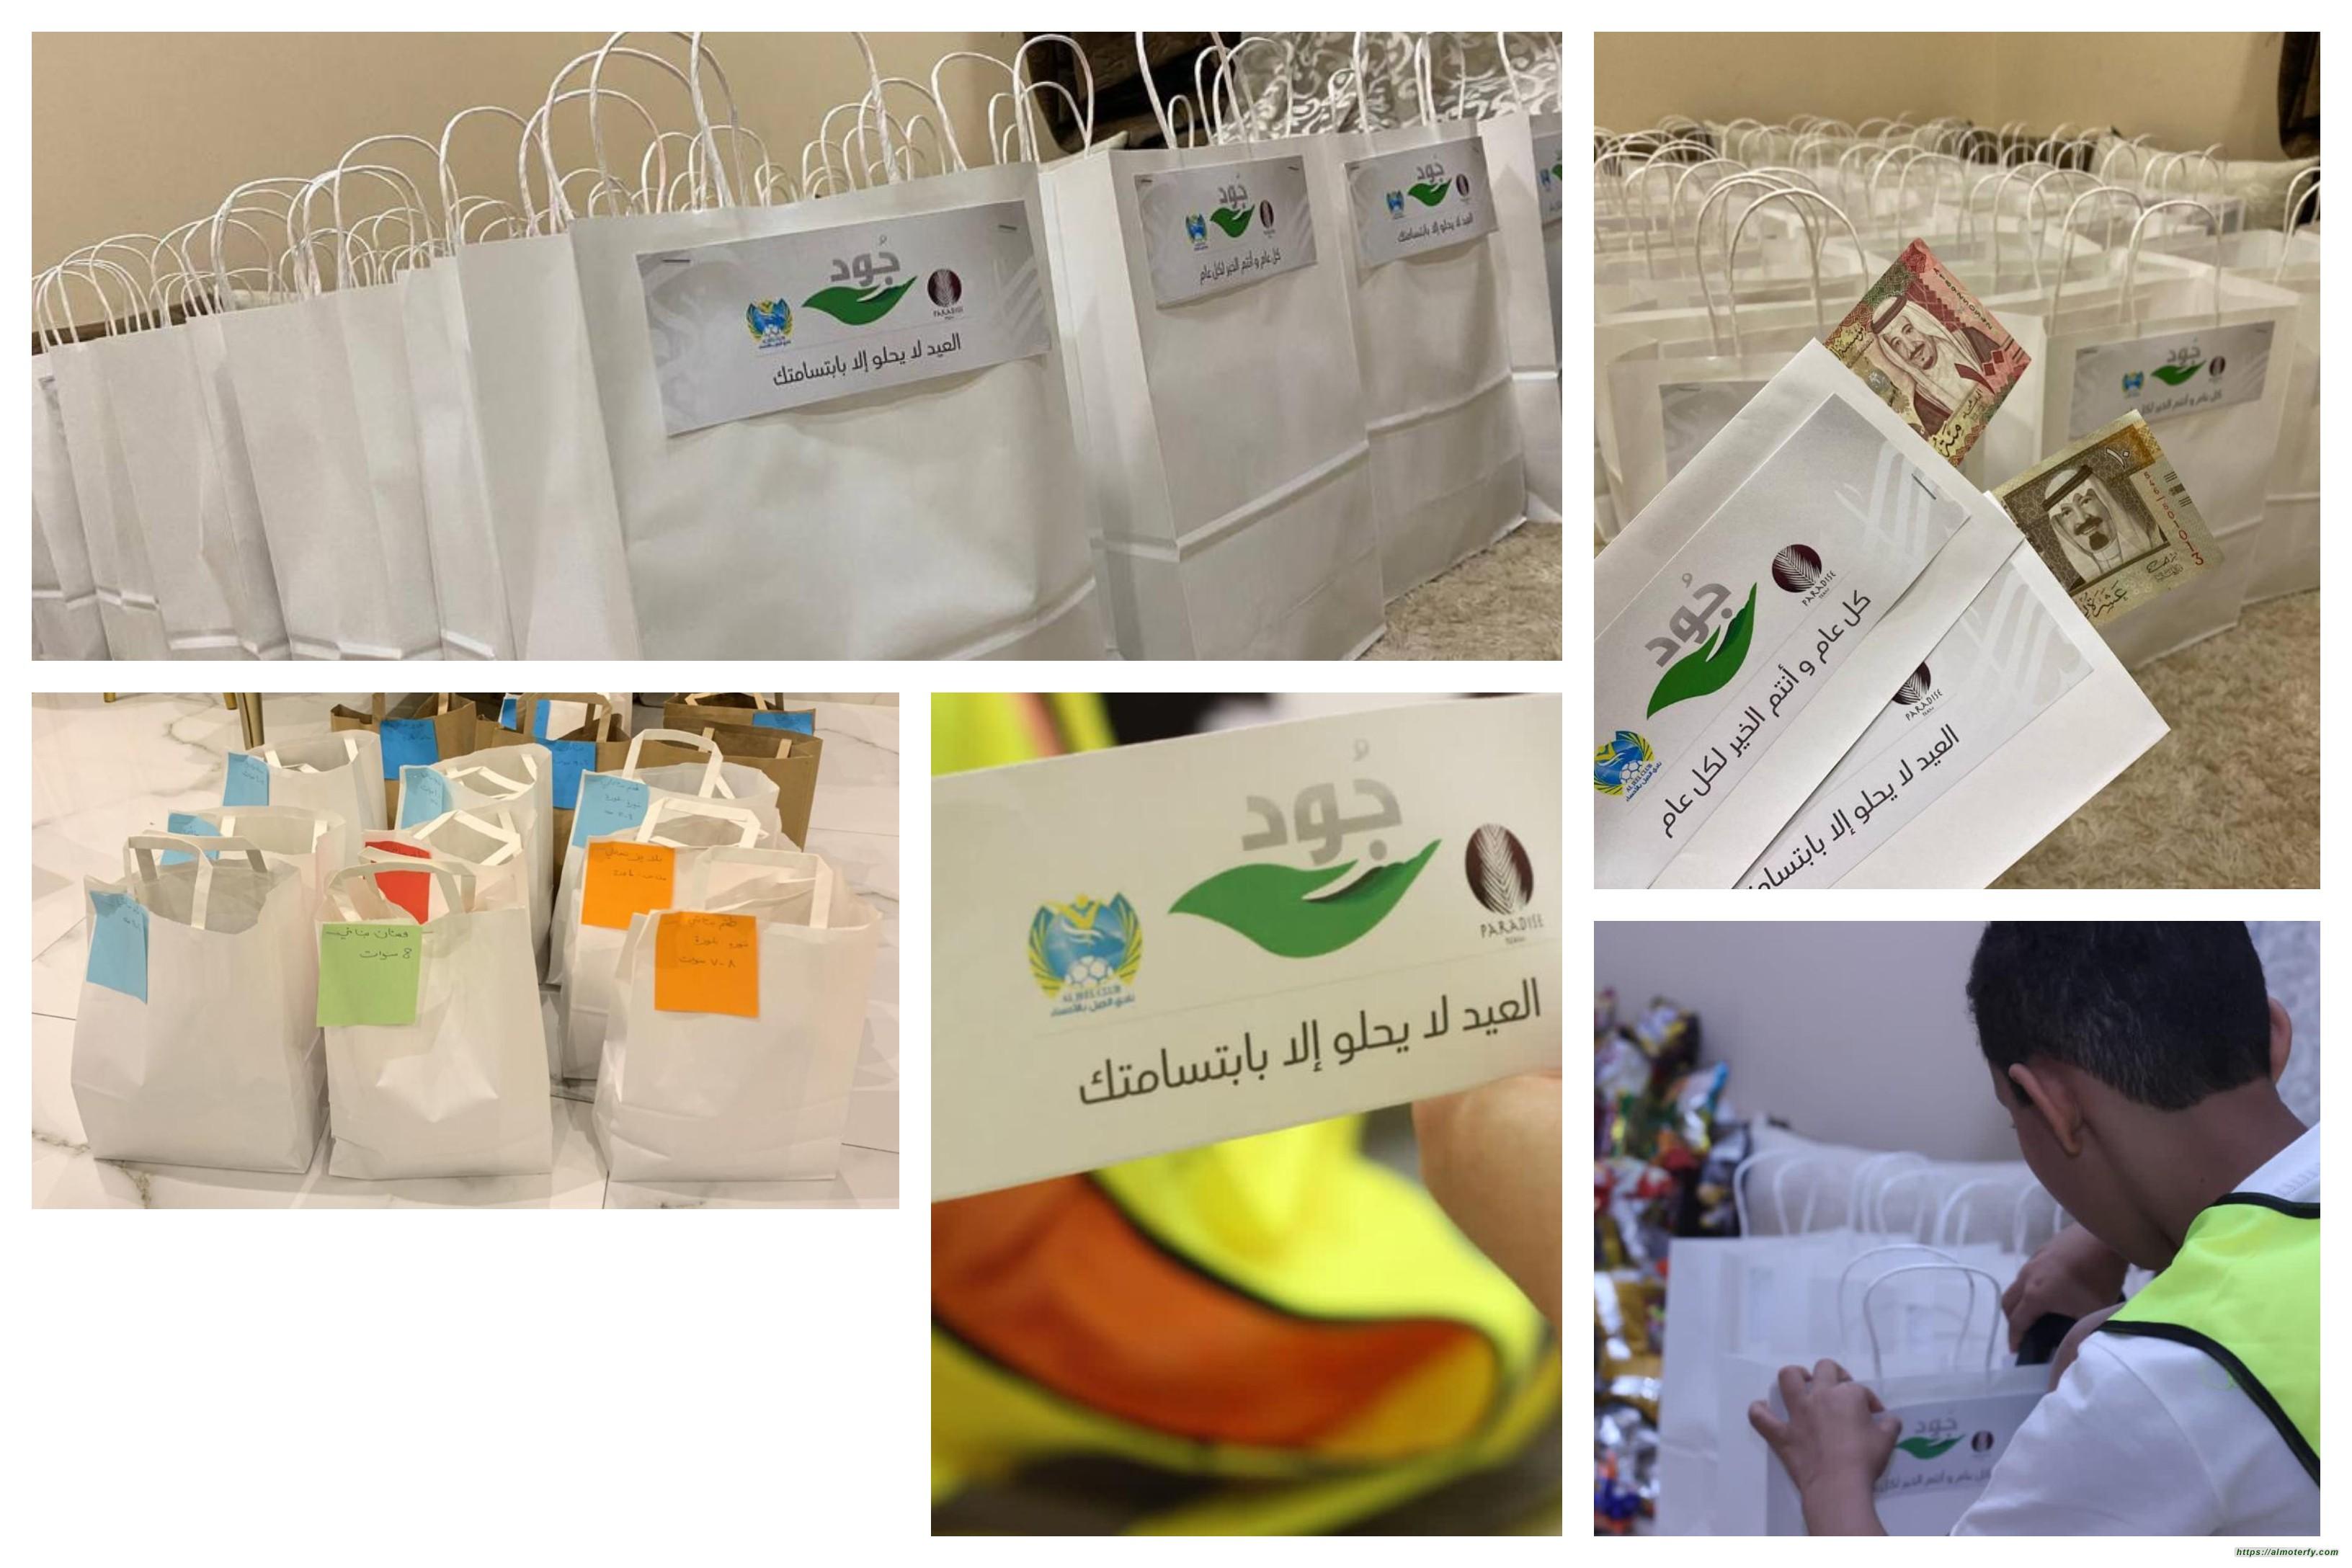 المسئولية الاجتماعية بنادي الجيل تشارك في تقديم كسوة العيد للأسر المتعففة